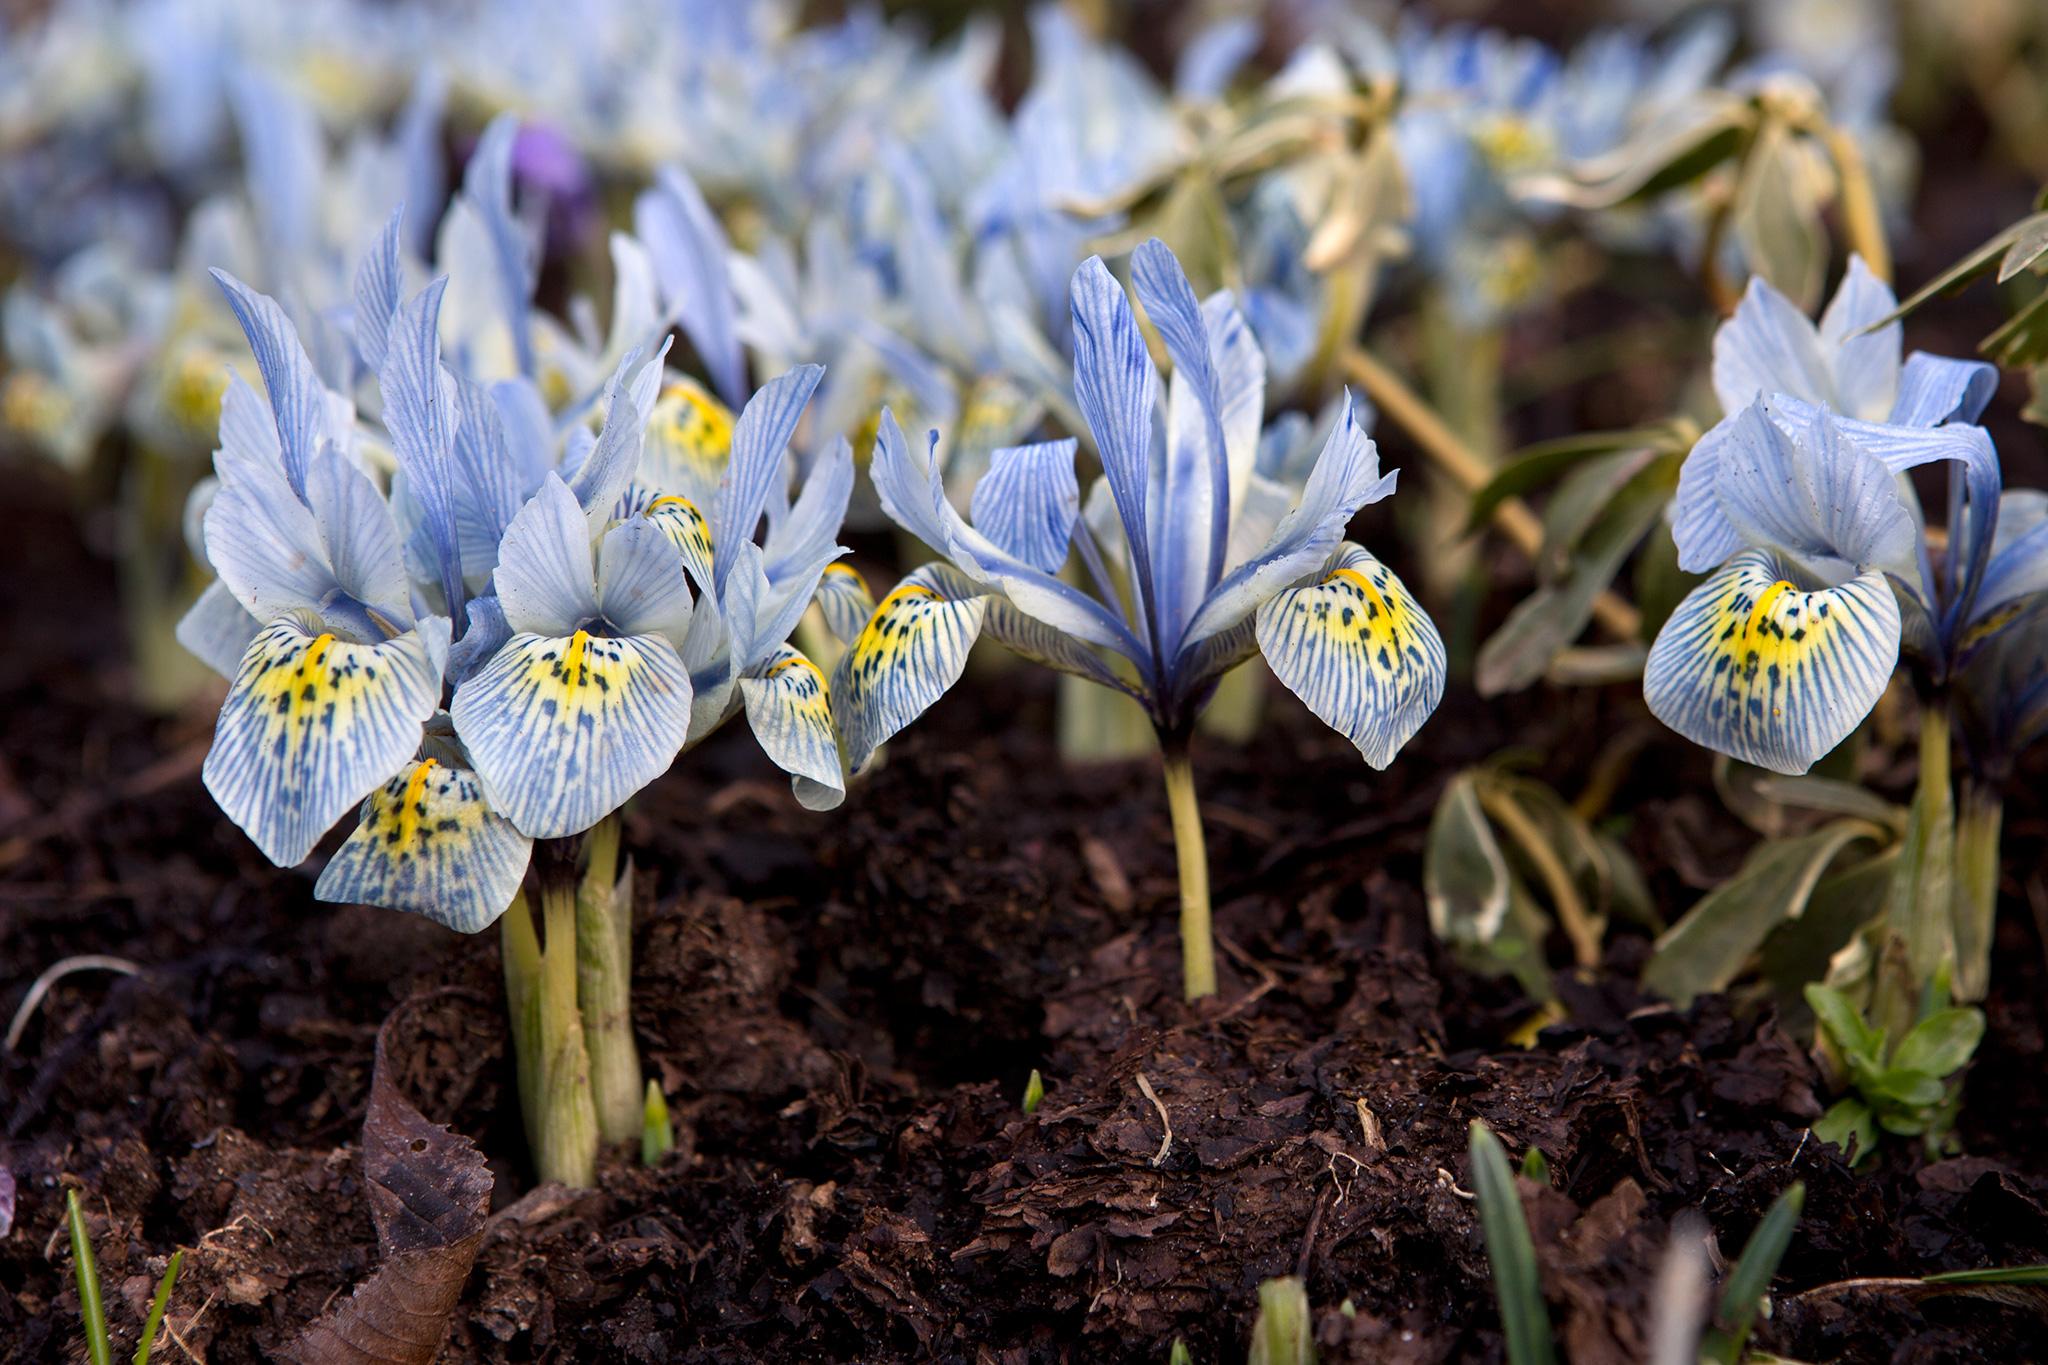 iris-reticulata-katharine-hodgkin-6